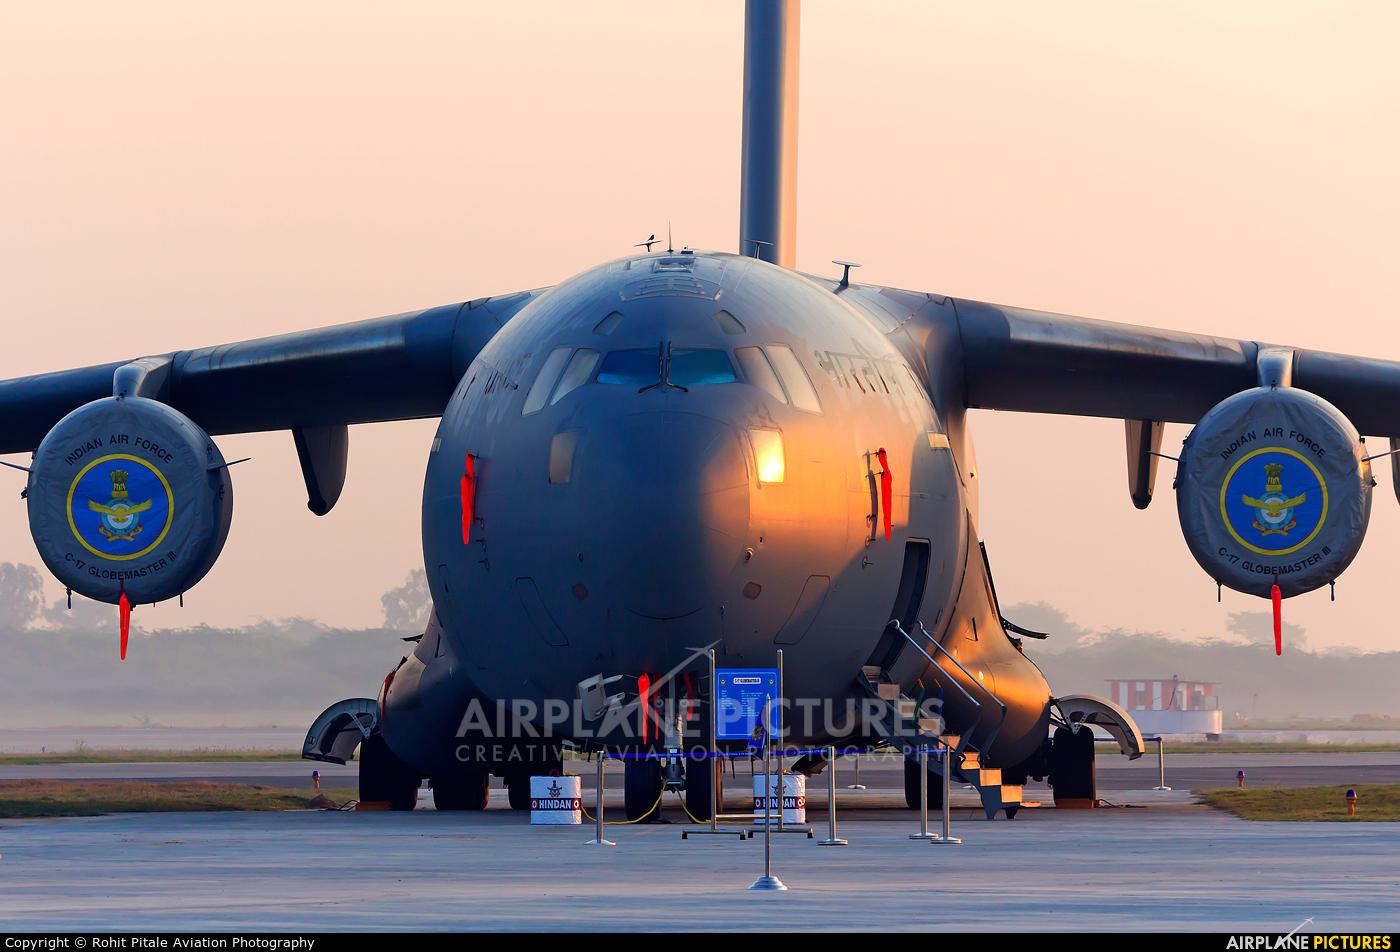 India - Air Force CB-8004 aircraft at Hindon AFB